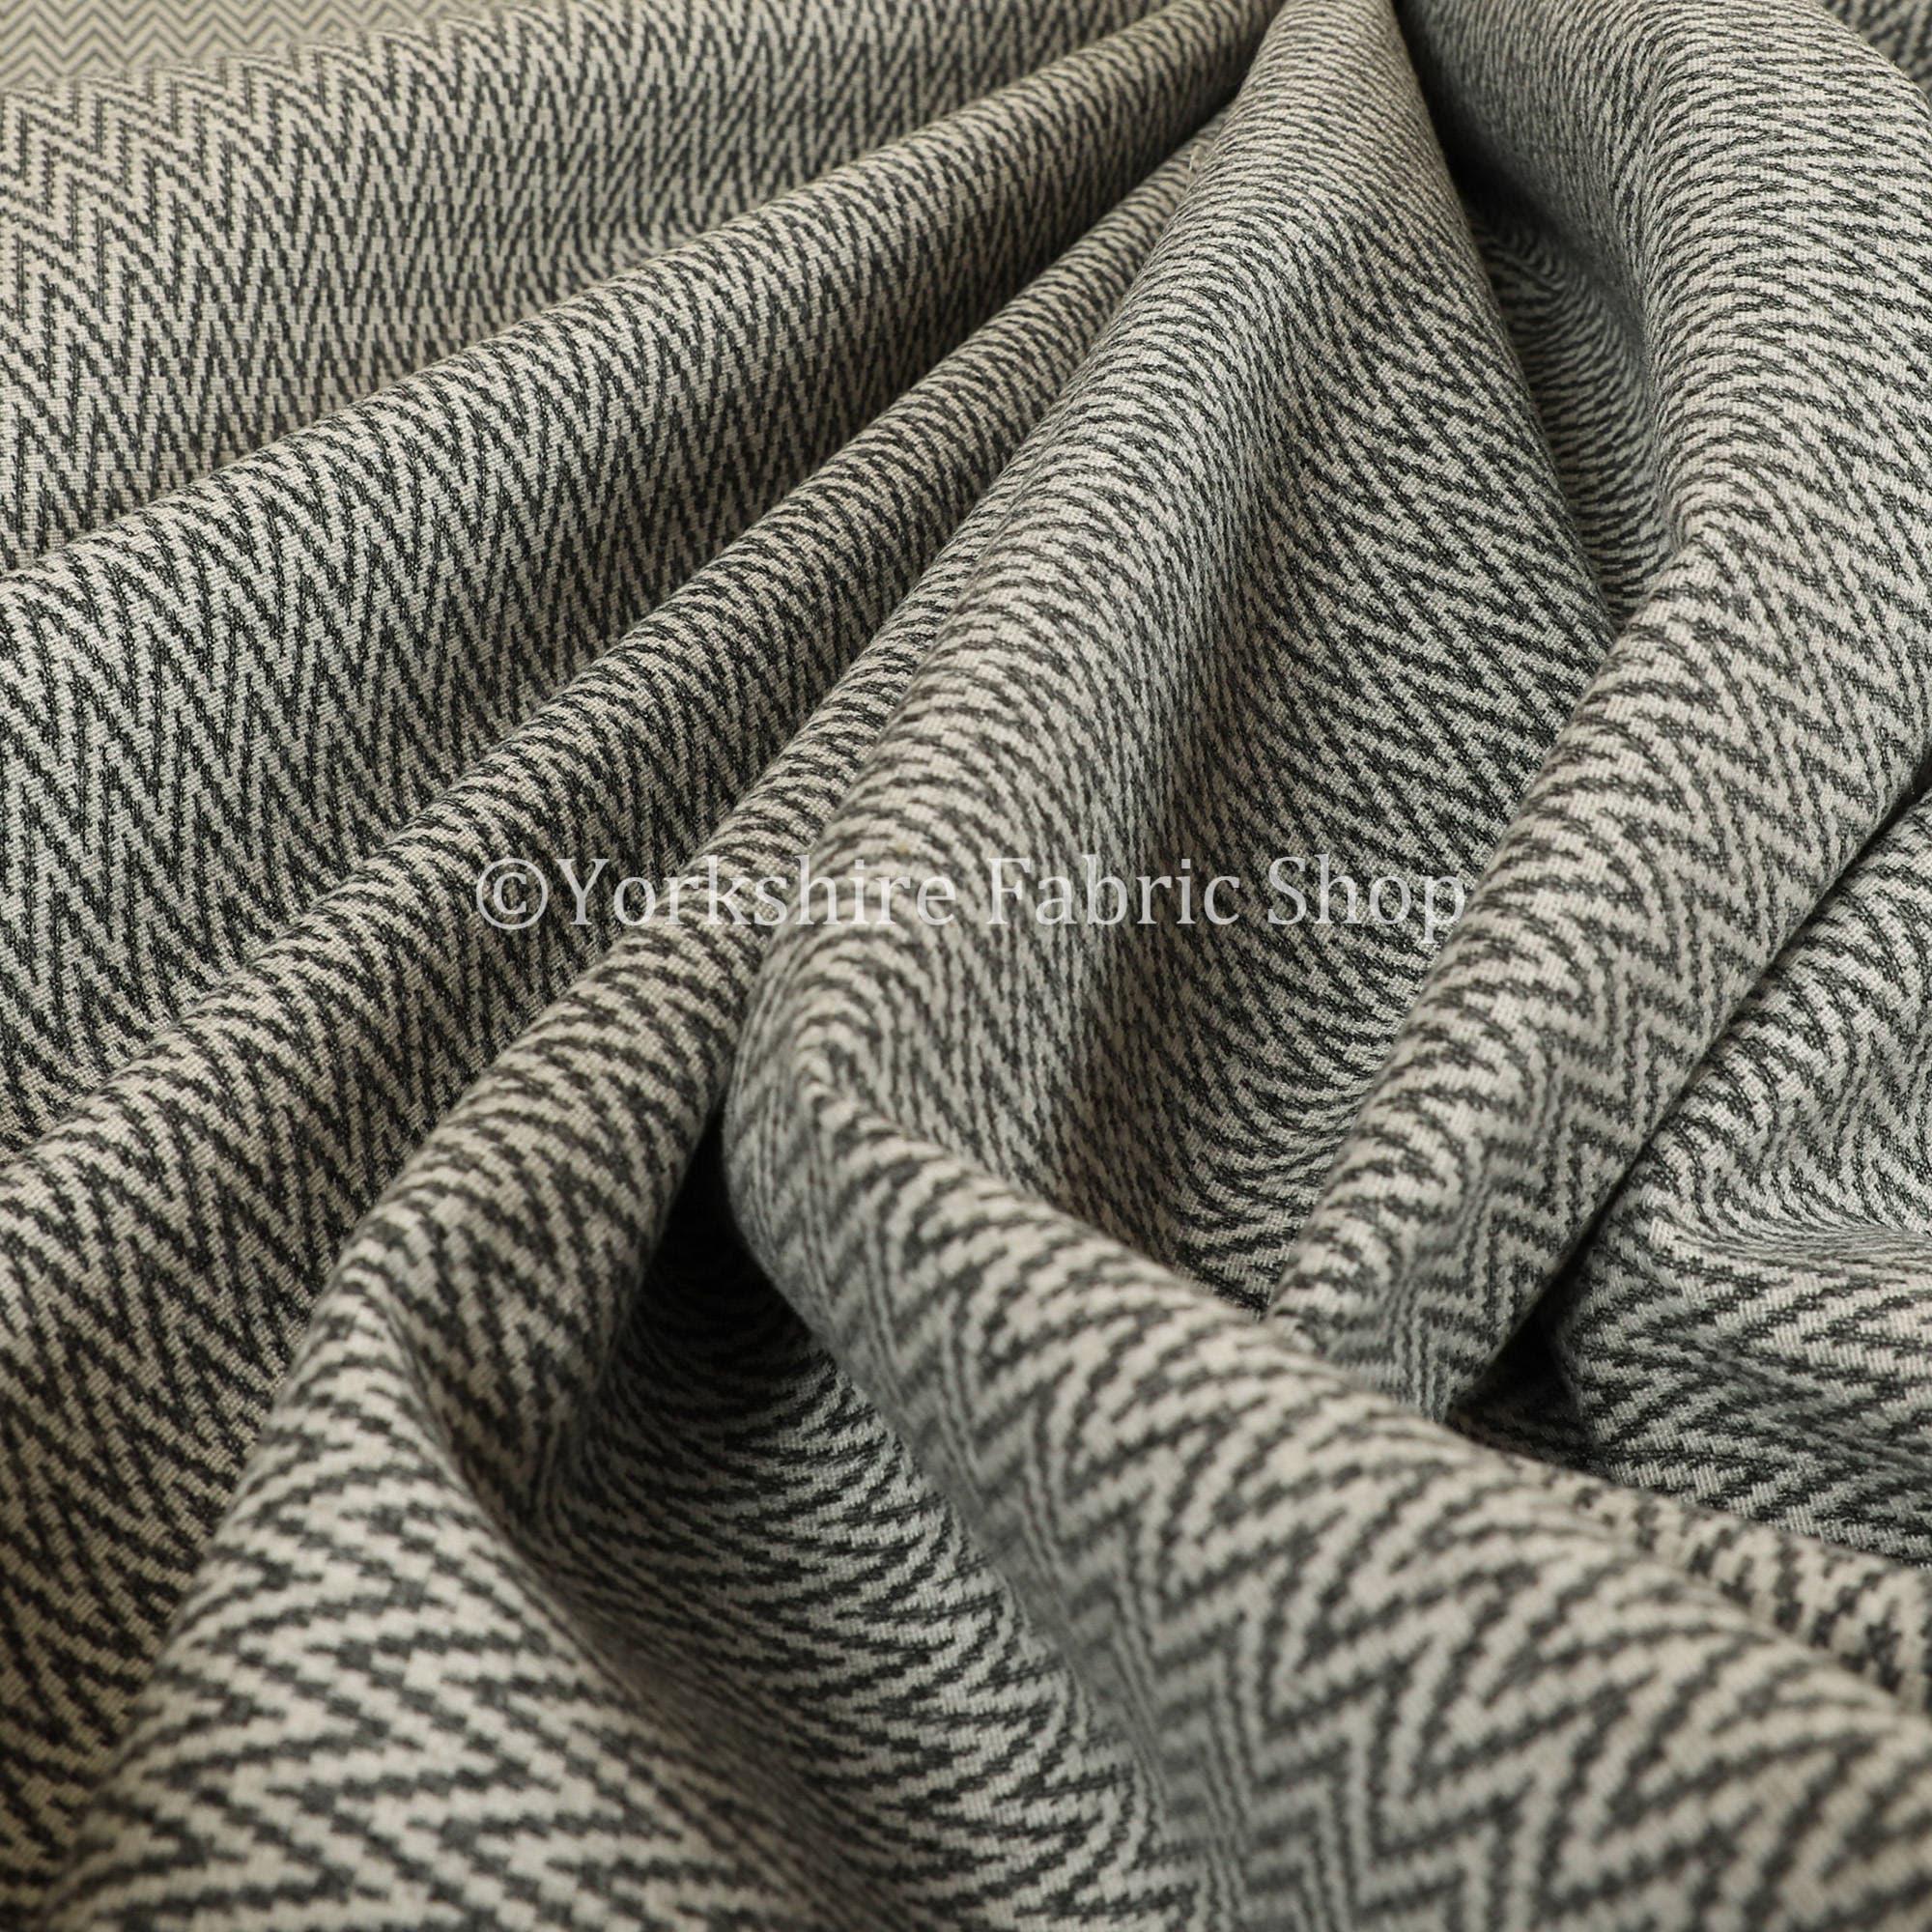 Laine Laine Laine motif chevrons géométriques modernes doux texturé tissu d'ameublement gris - vendu par le tissu de longueur de 10 mètres 07793f